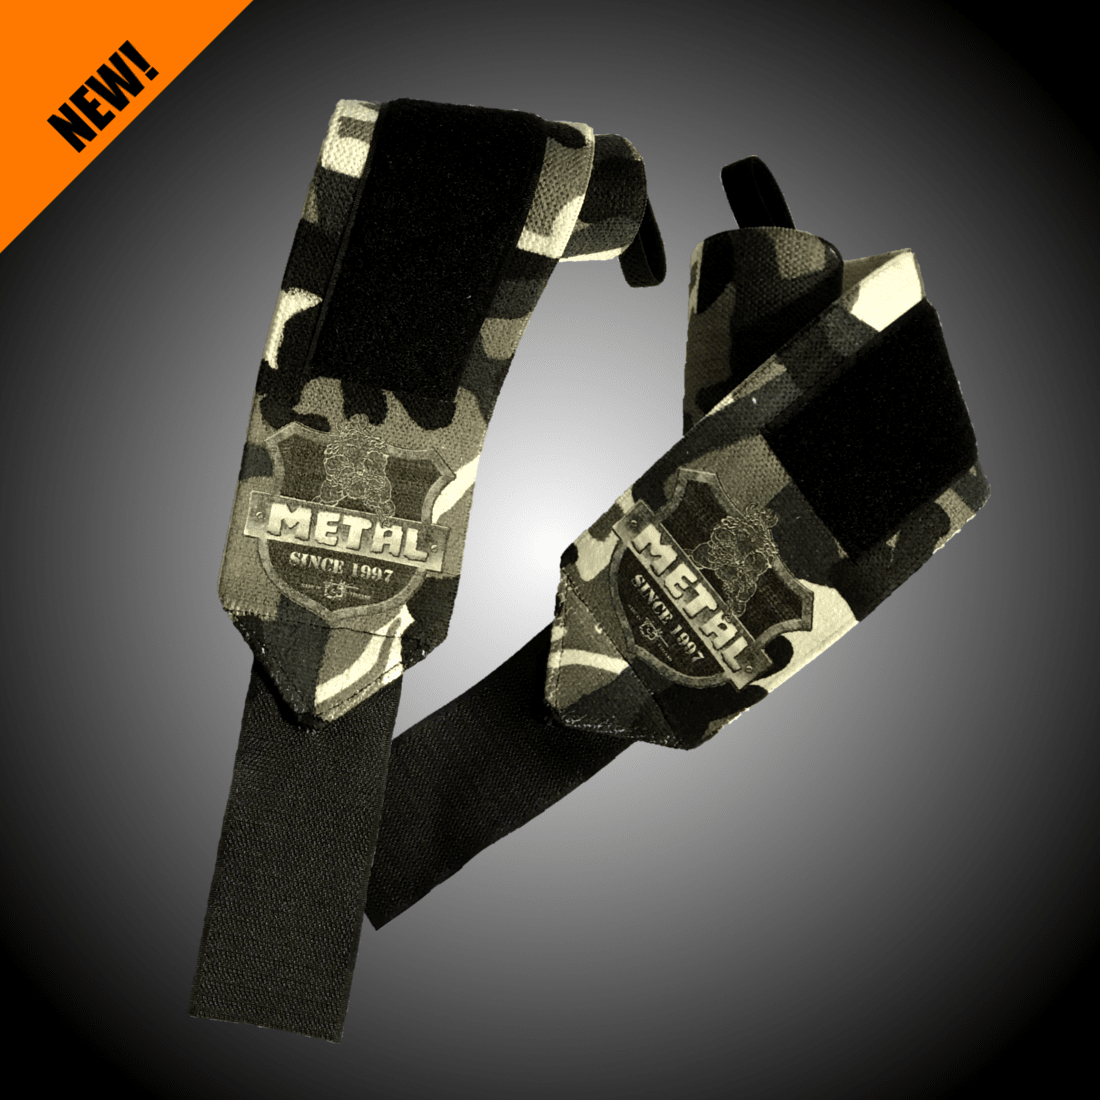 METAL Mystical Wrist Wraps - gray camo (pár)